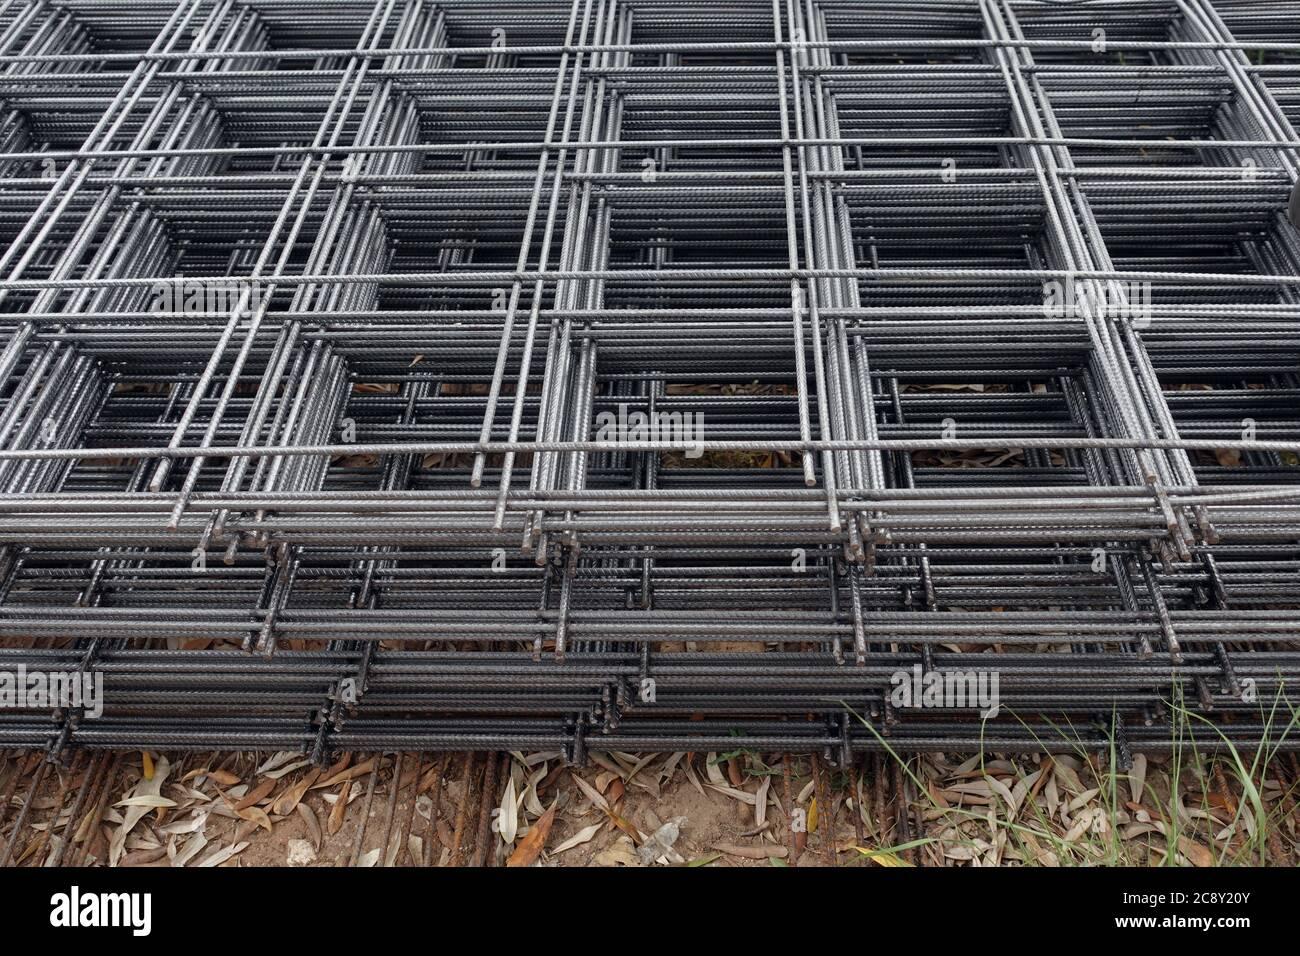 Rete di rinforzo di calcestruzzo di filo di acciaio usata nella costruzione. Contesto industriale. Foto Stock